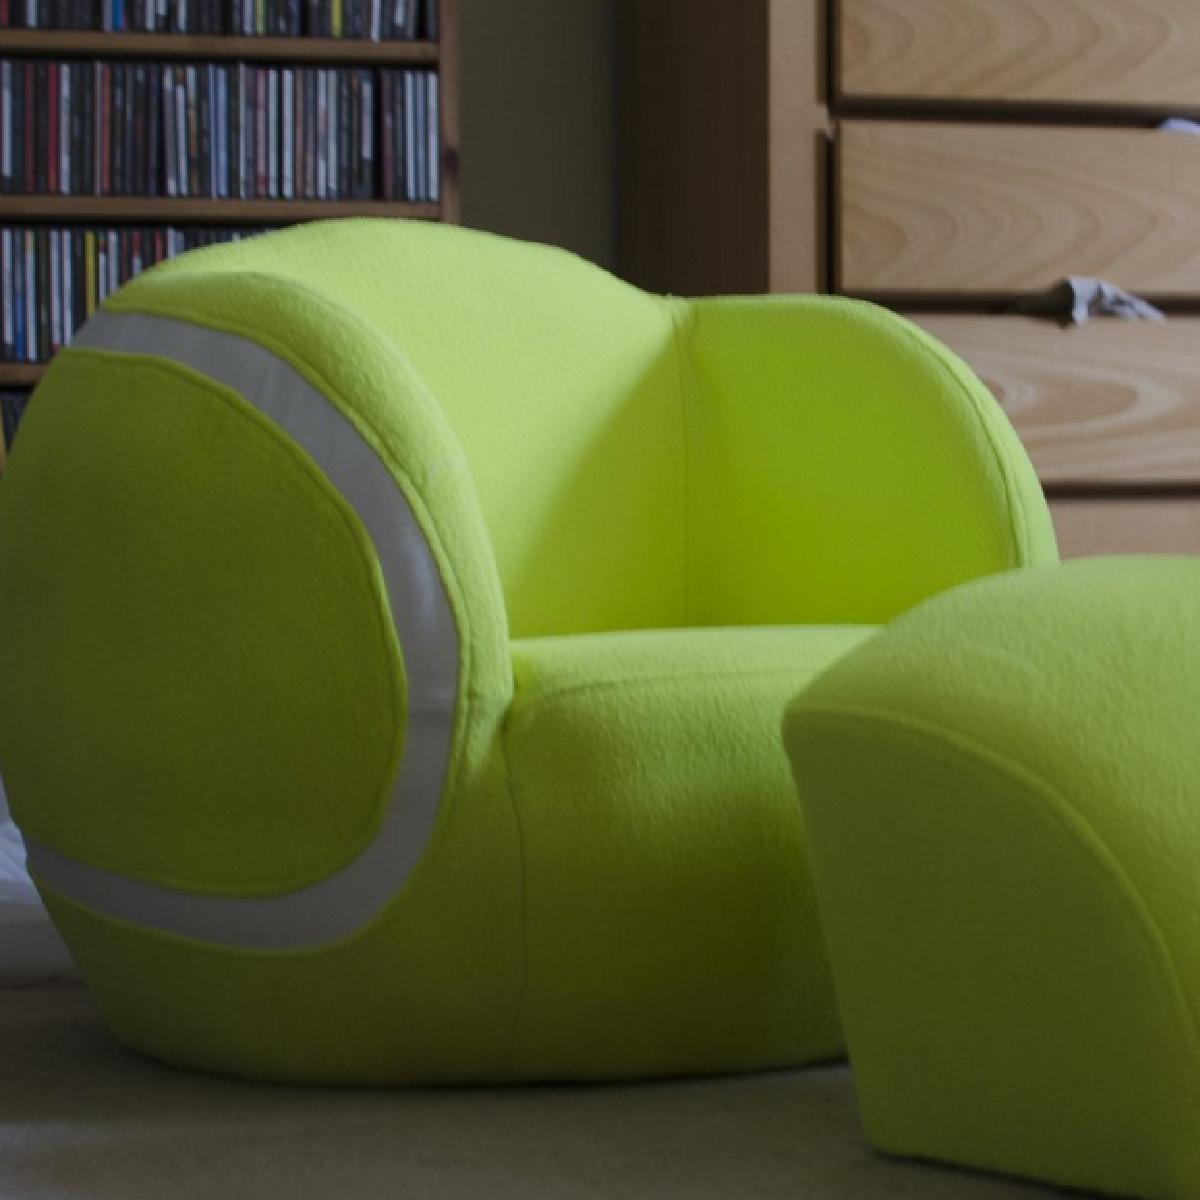 Cadeaux 2 ouf id es de cadeaux insolites et originaux un fauteuil pour e - Fauteuil en forme de s ...